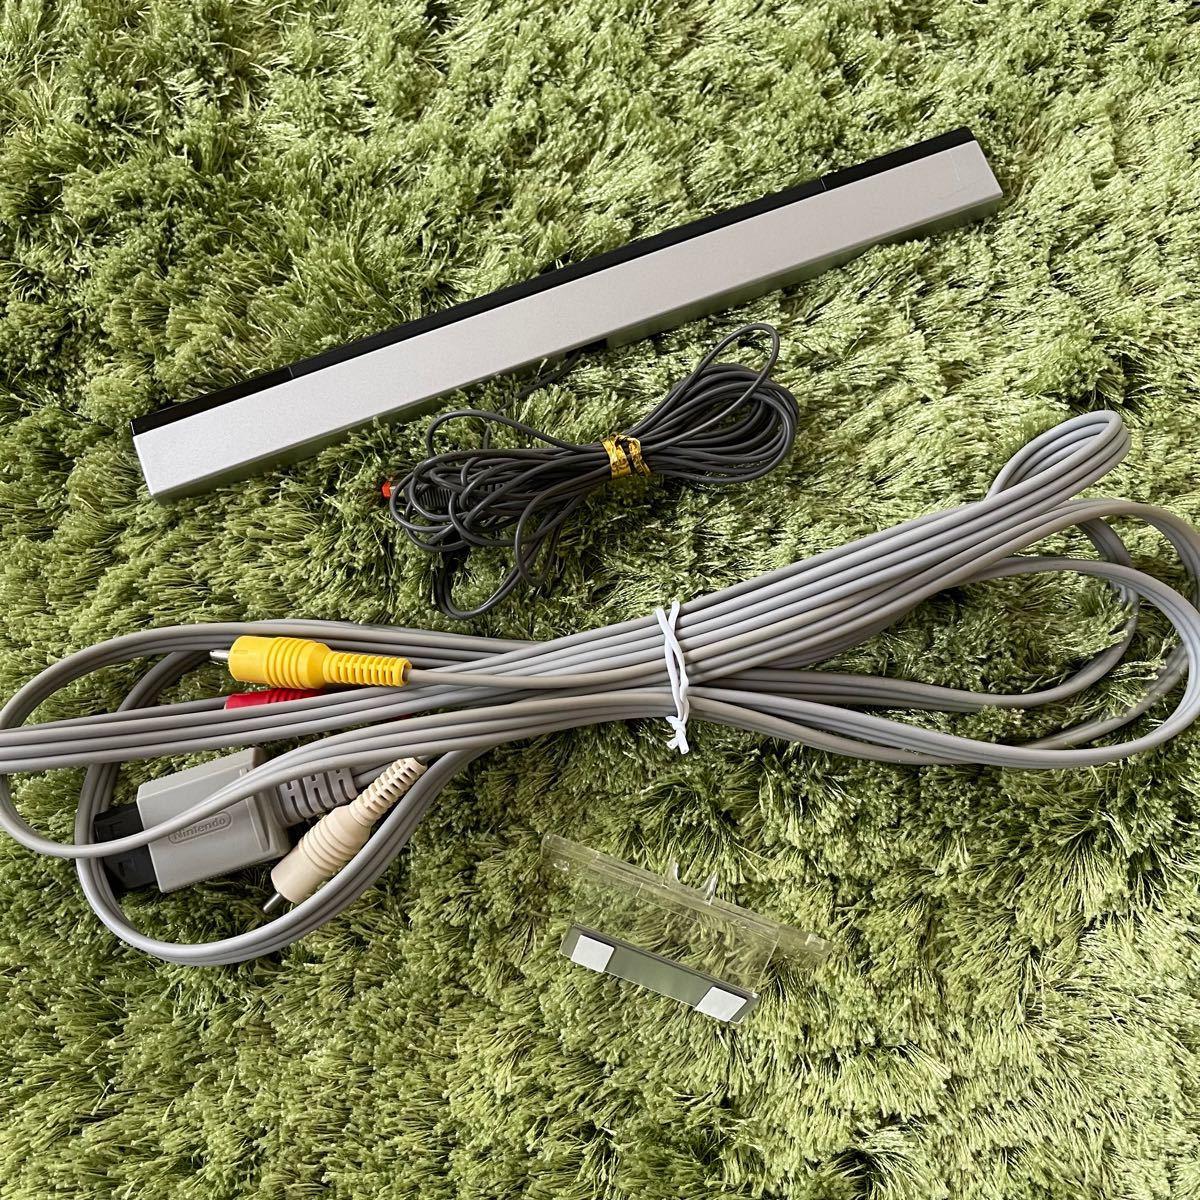 Wii ケーブル、センサーバー  スタンド 付属品 任天堂 ニンテンドー Wii Nintendo